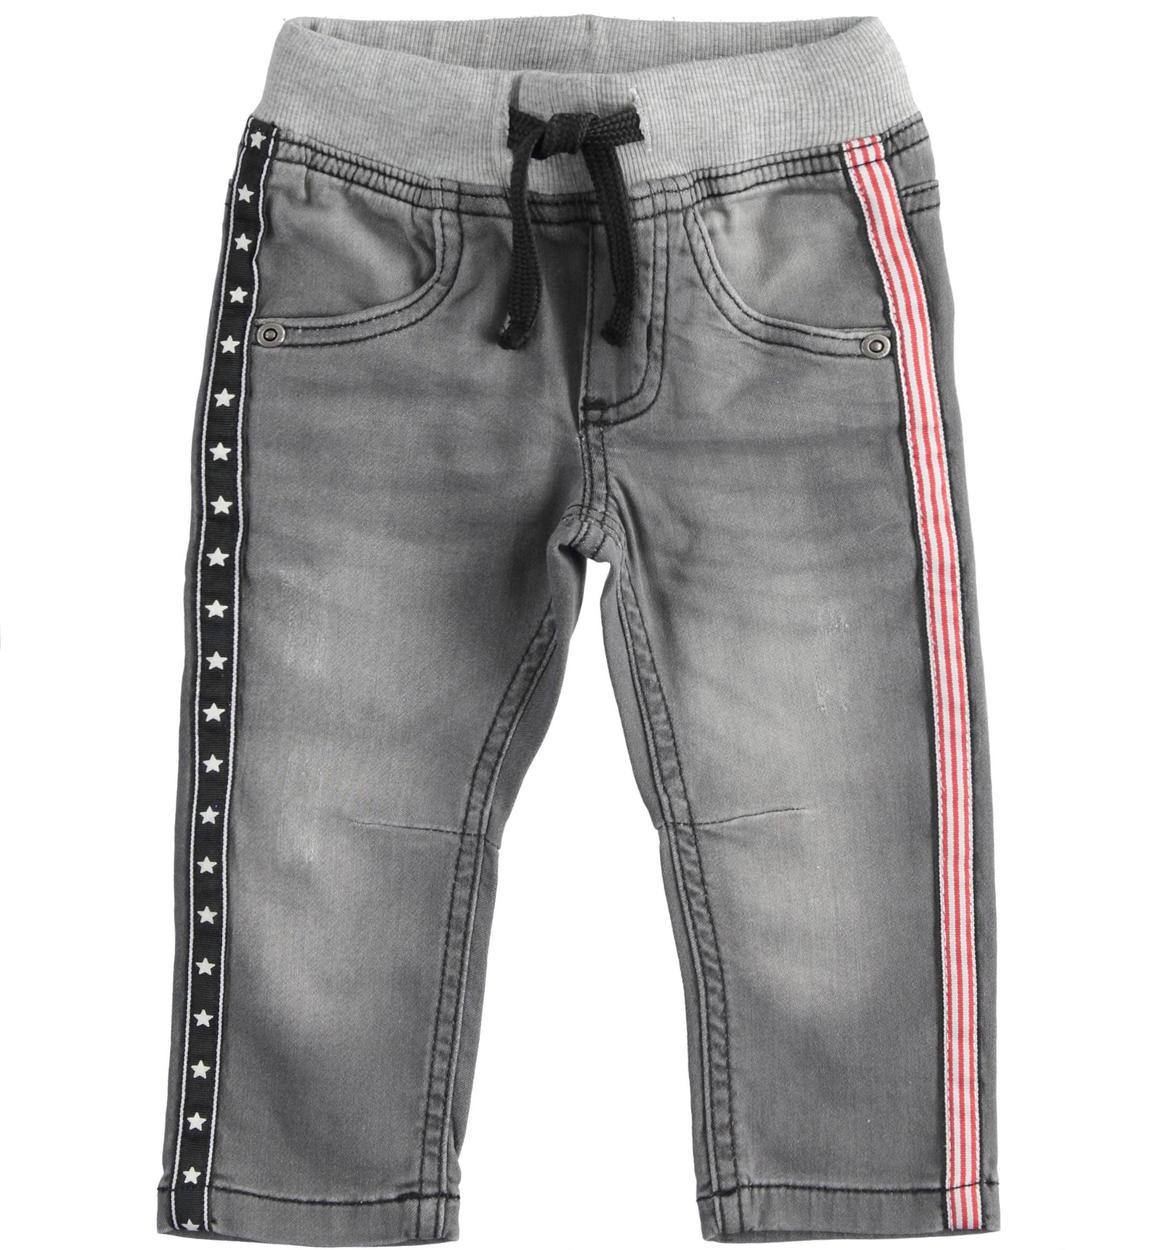 pantalone in denim maglia con nastri in grigio chiaro fronte 01 1224j24800 7992